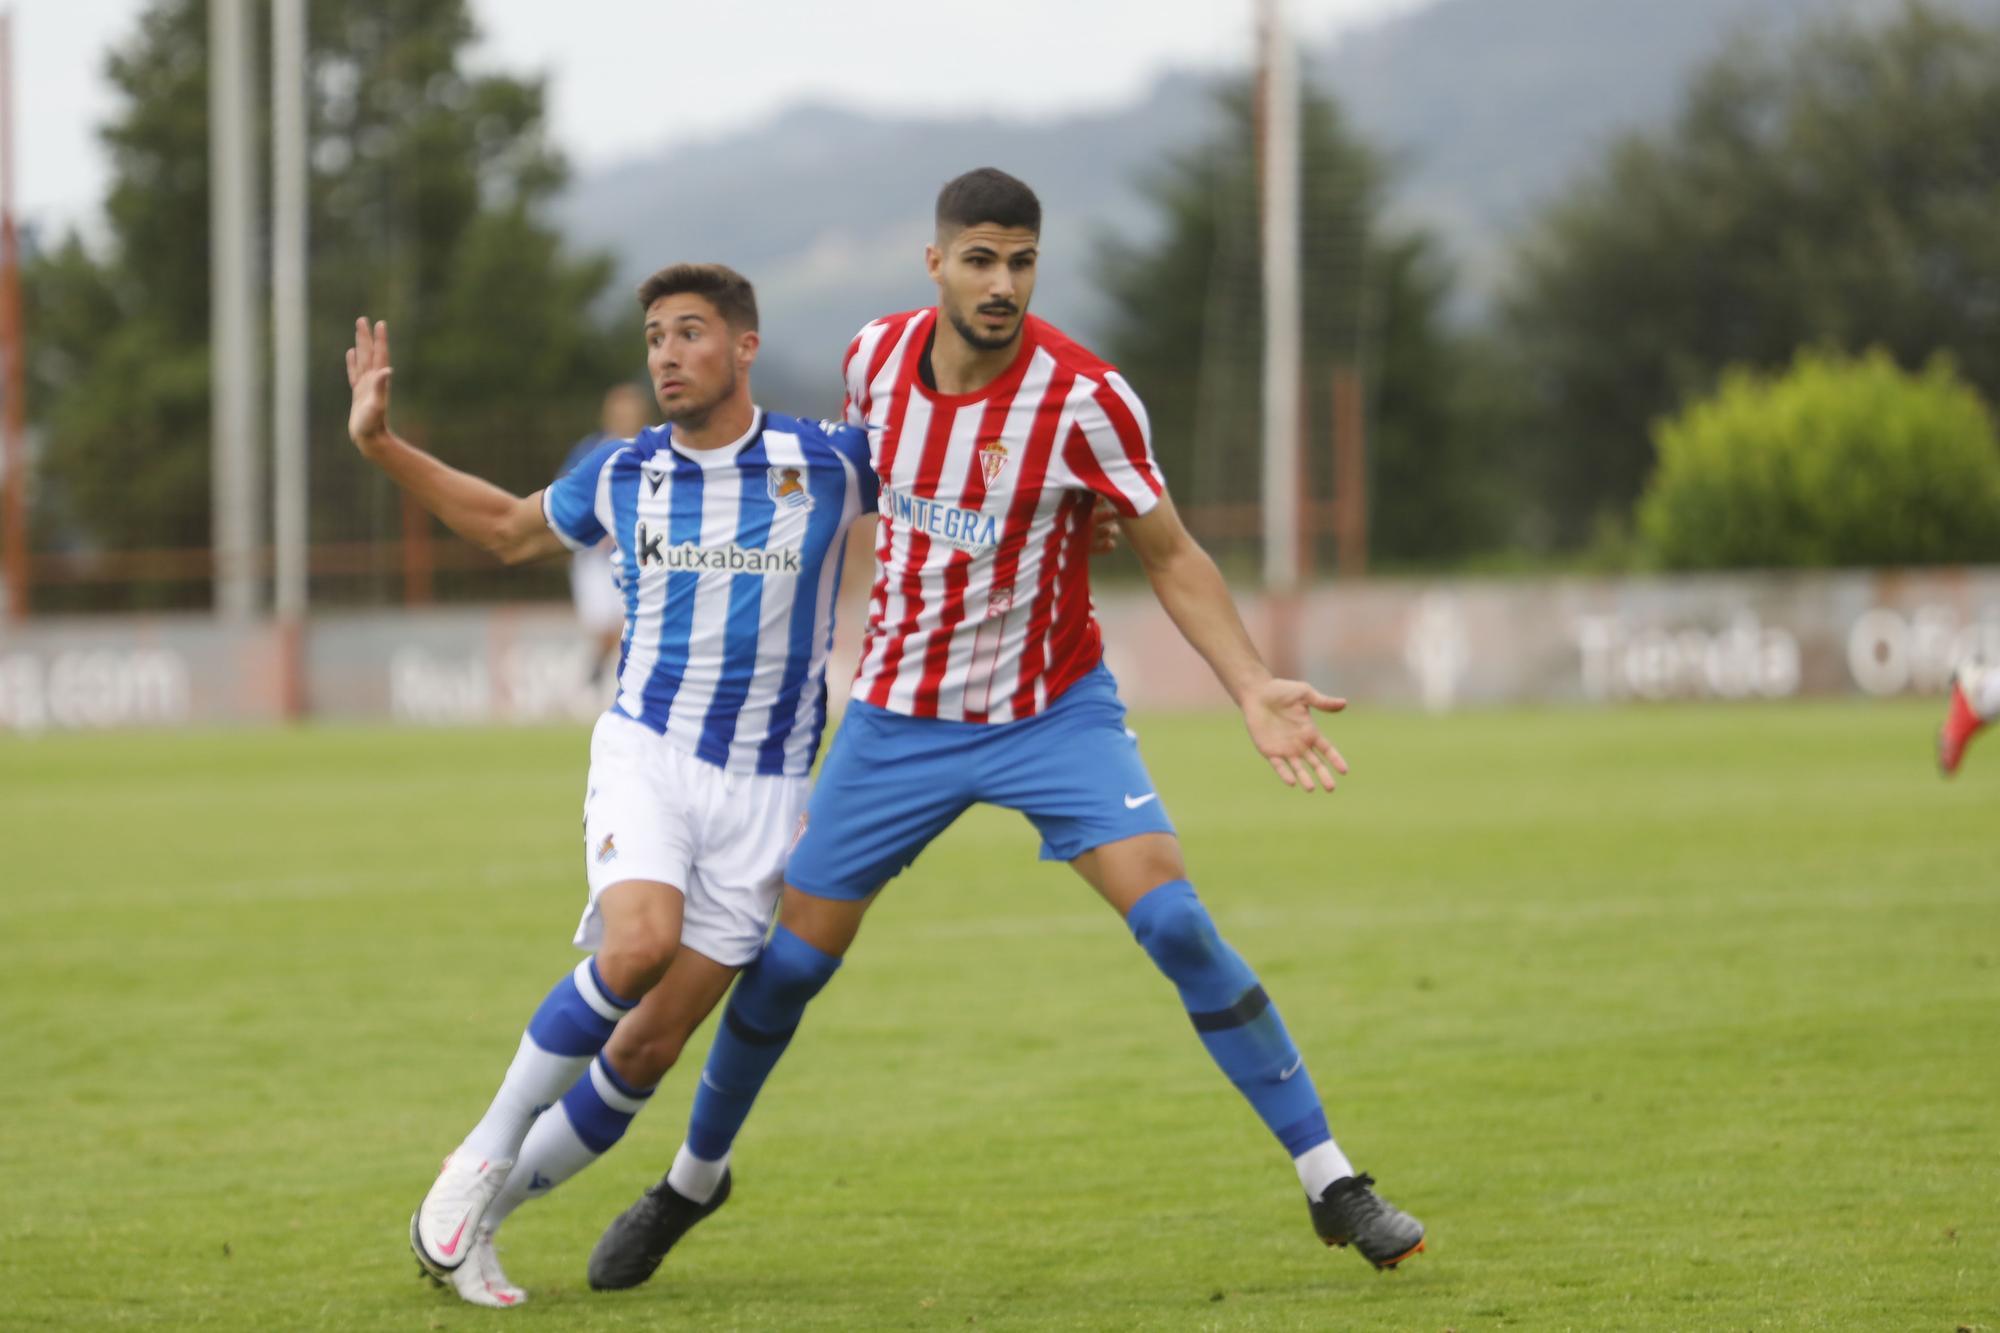 Sporting - Real Sociedad B, en imágenes